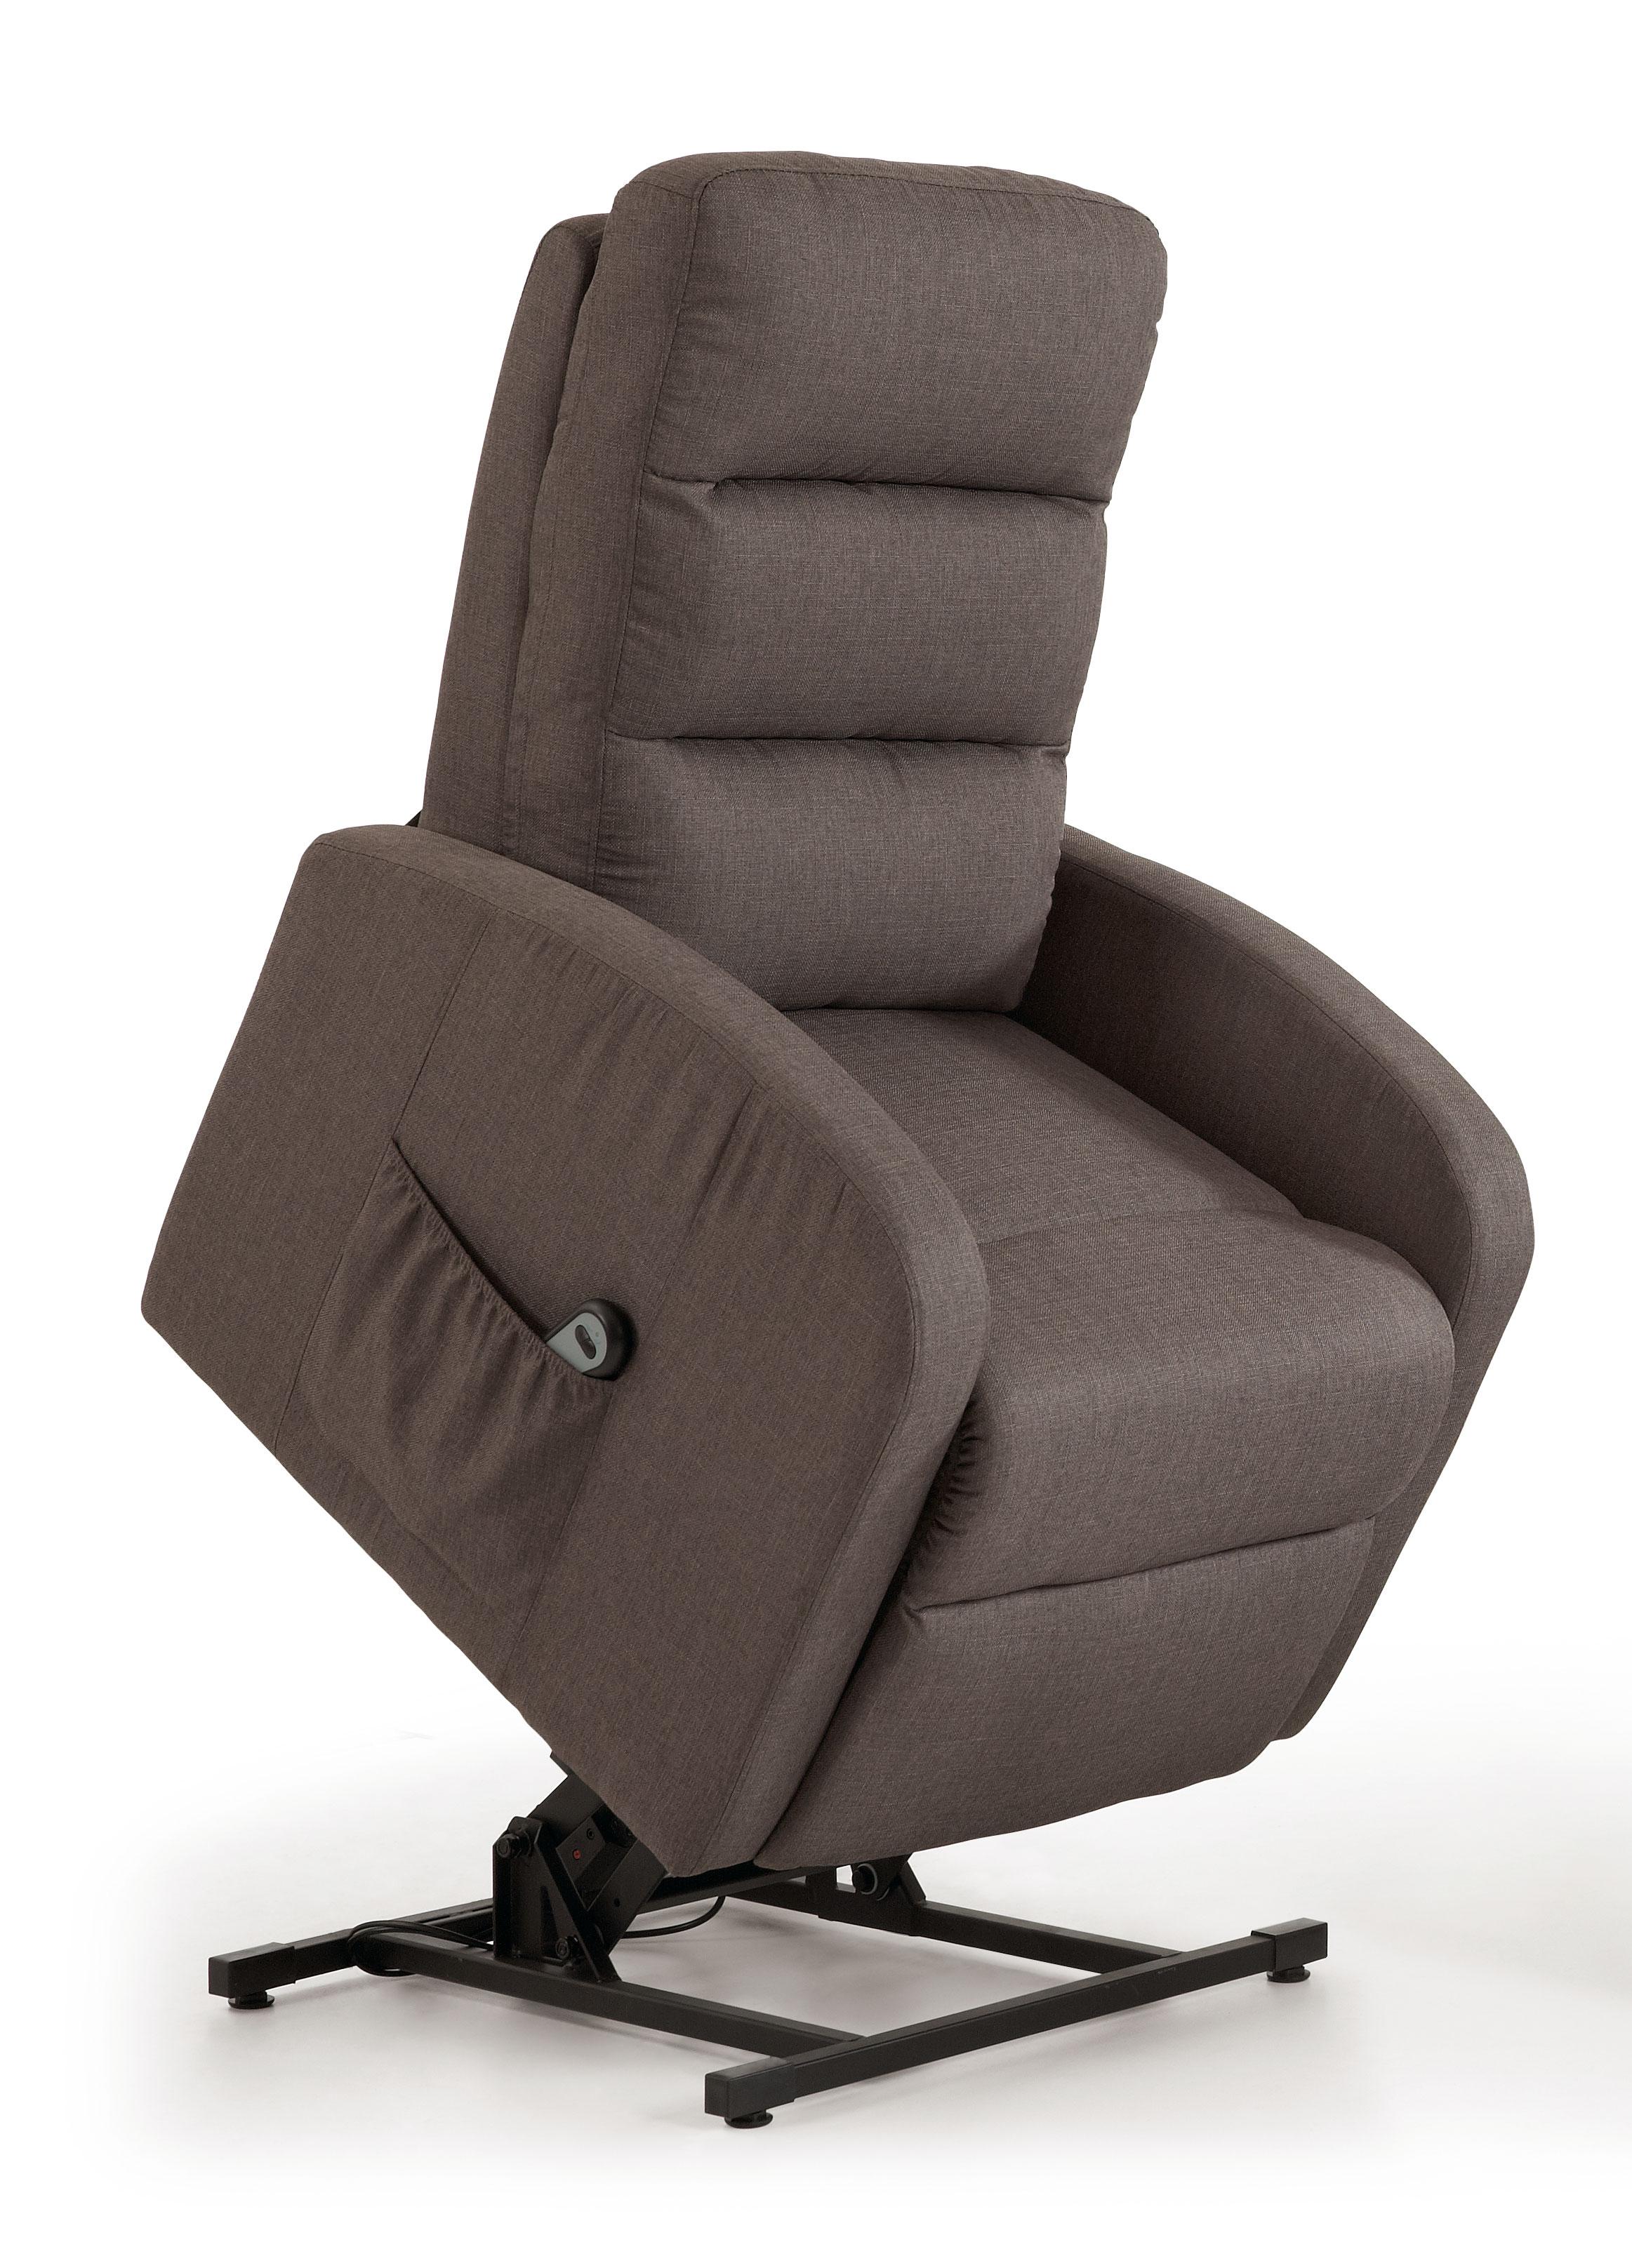 Fauteuil de relaxation électrique avec releveur en tissu gris Meribel